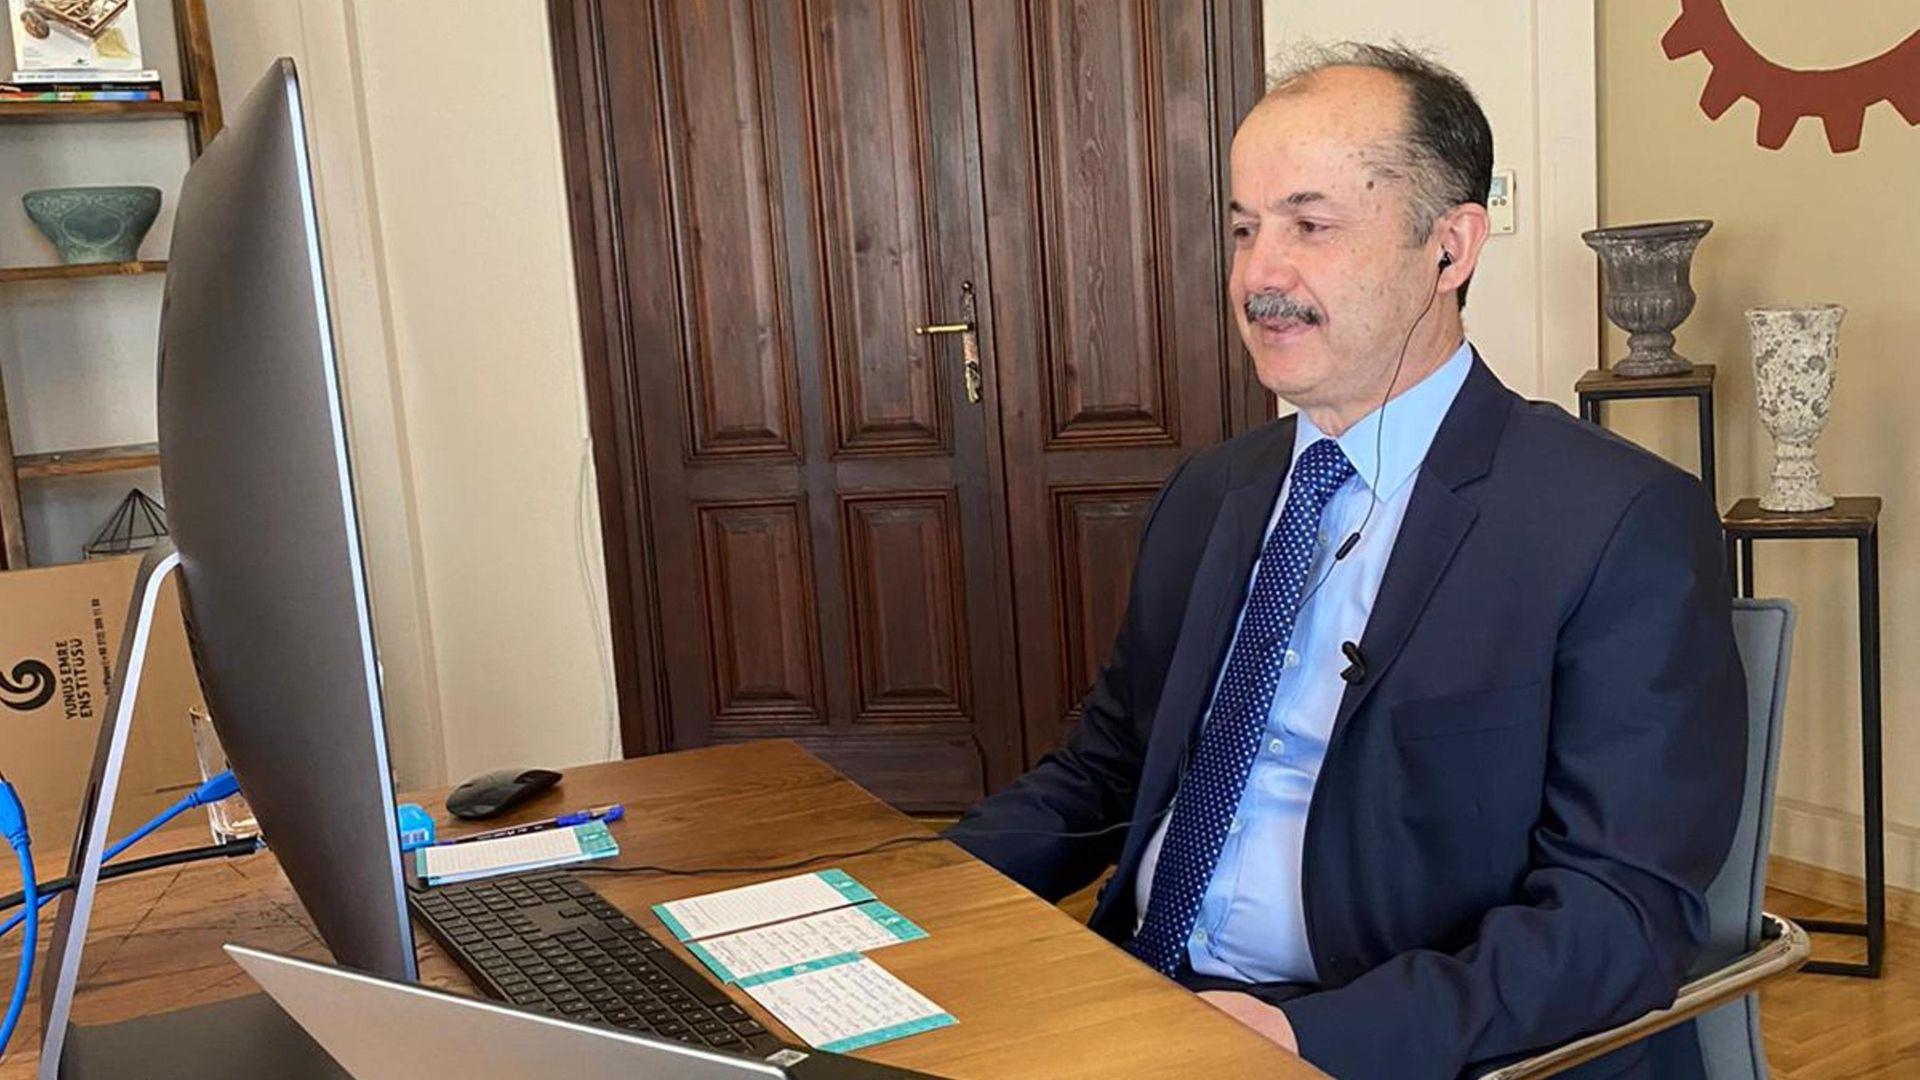 Yunus Emre Enstitüsü Başkanı Prof. Dr. Şeref Ateş: Azez'de de güzelliği ortaya çıkarıyoruz